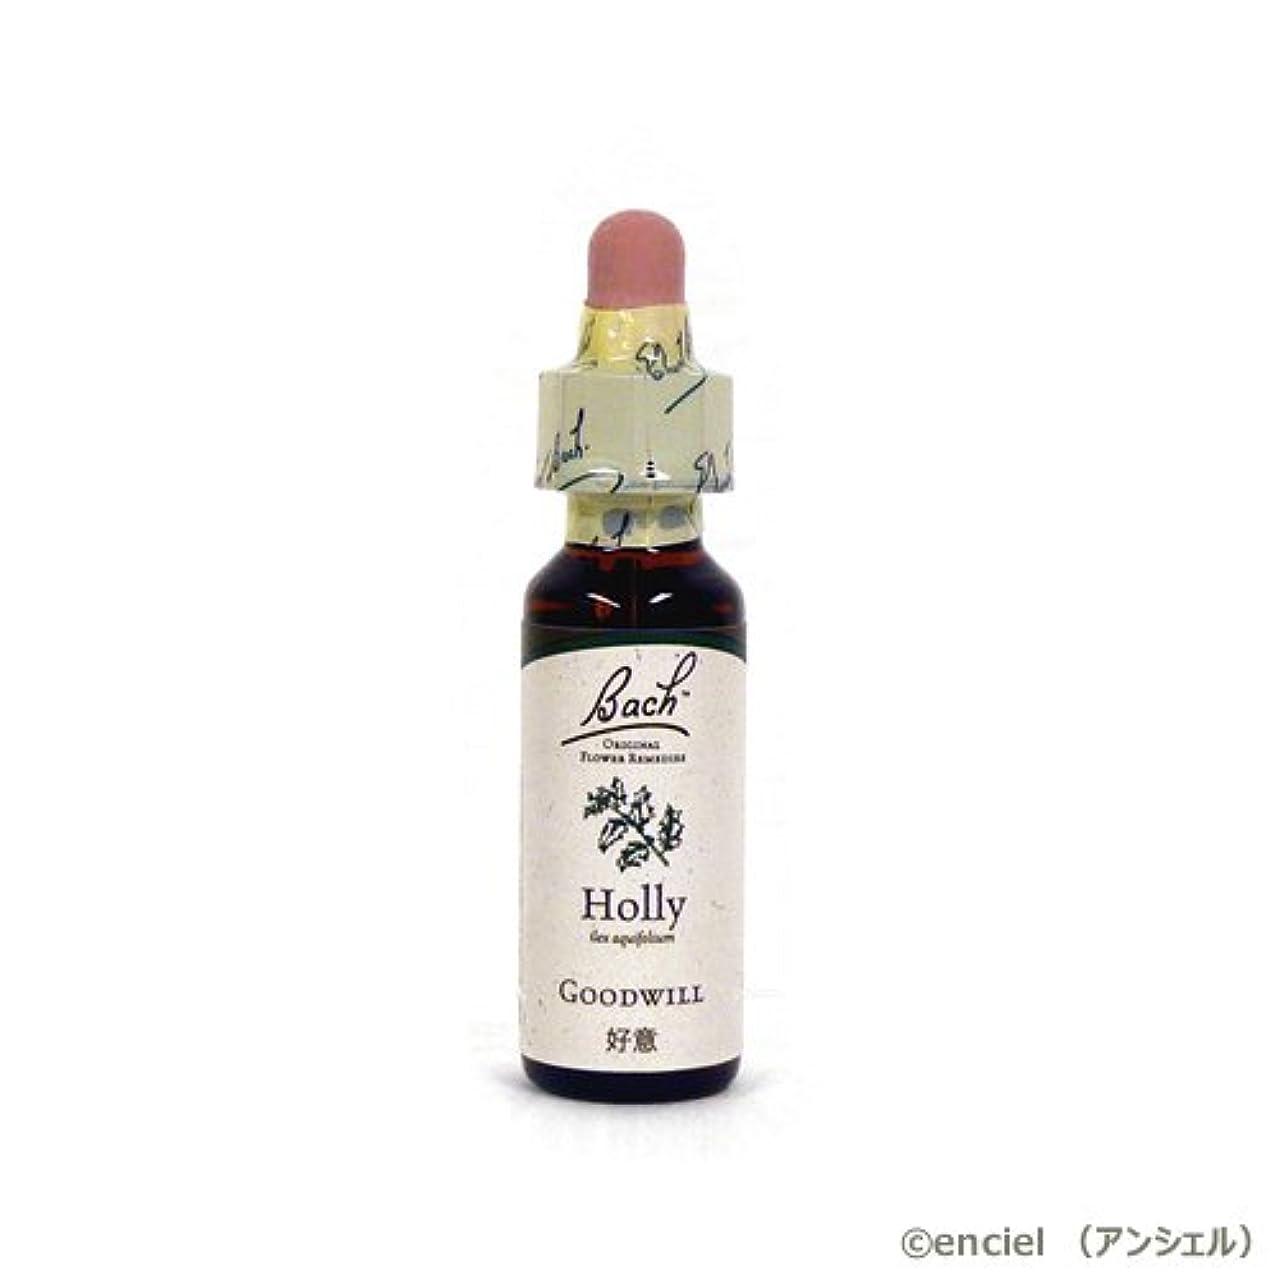 活気づける最も早い警告バッチフラワー レメディ ホリー 10ml グリセリンタイプ 日本国内正規品